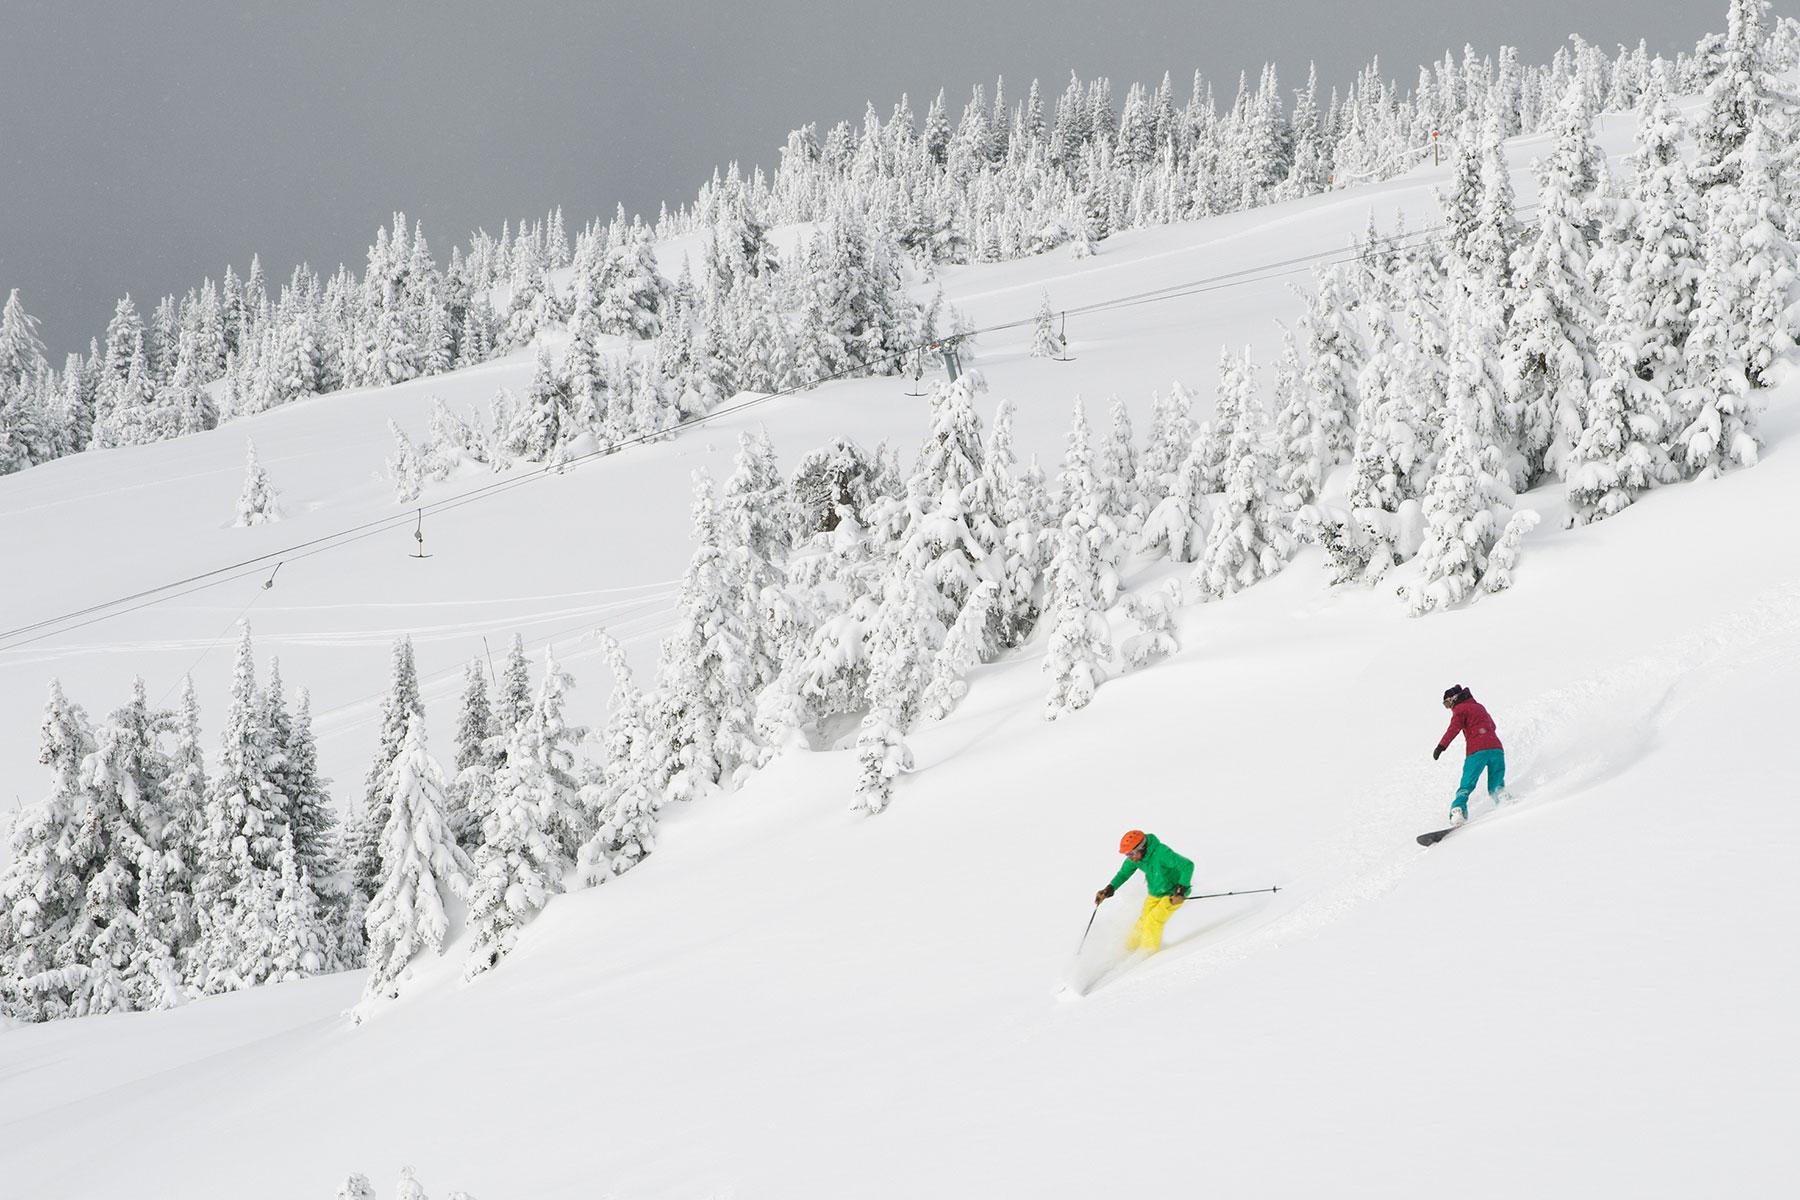 Sun Peaks is na Whistler het grootste skigebied van Canada